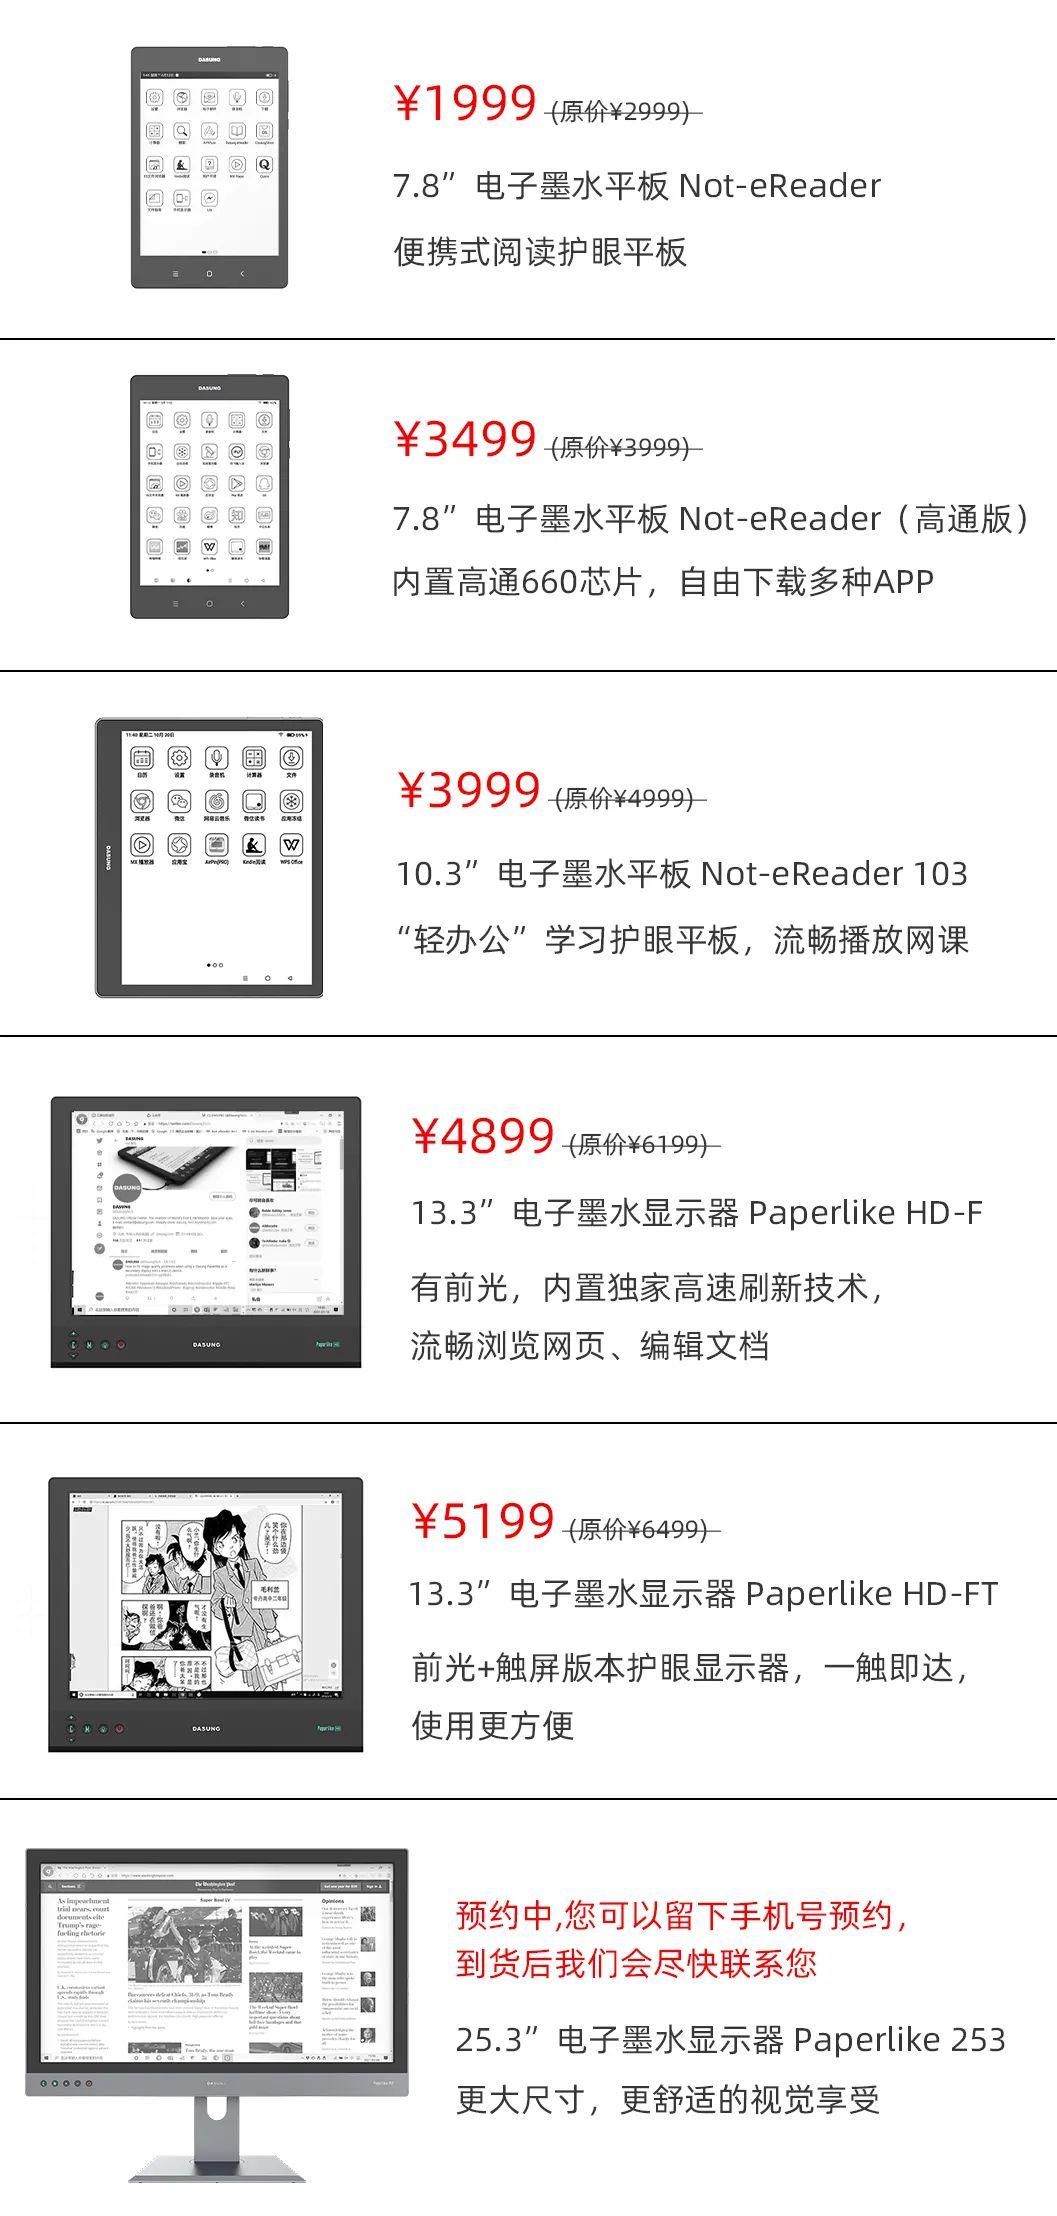 开学特惠 | 大上科技墨水屏护眼显示器&平板最高优惠千元